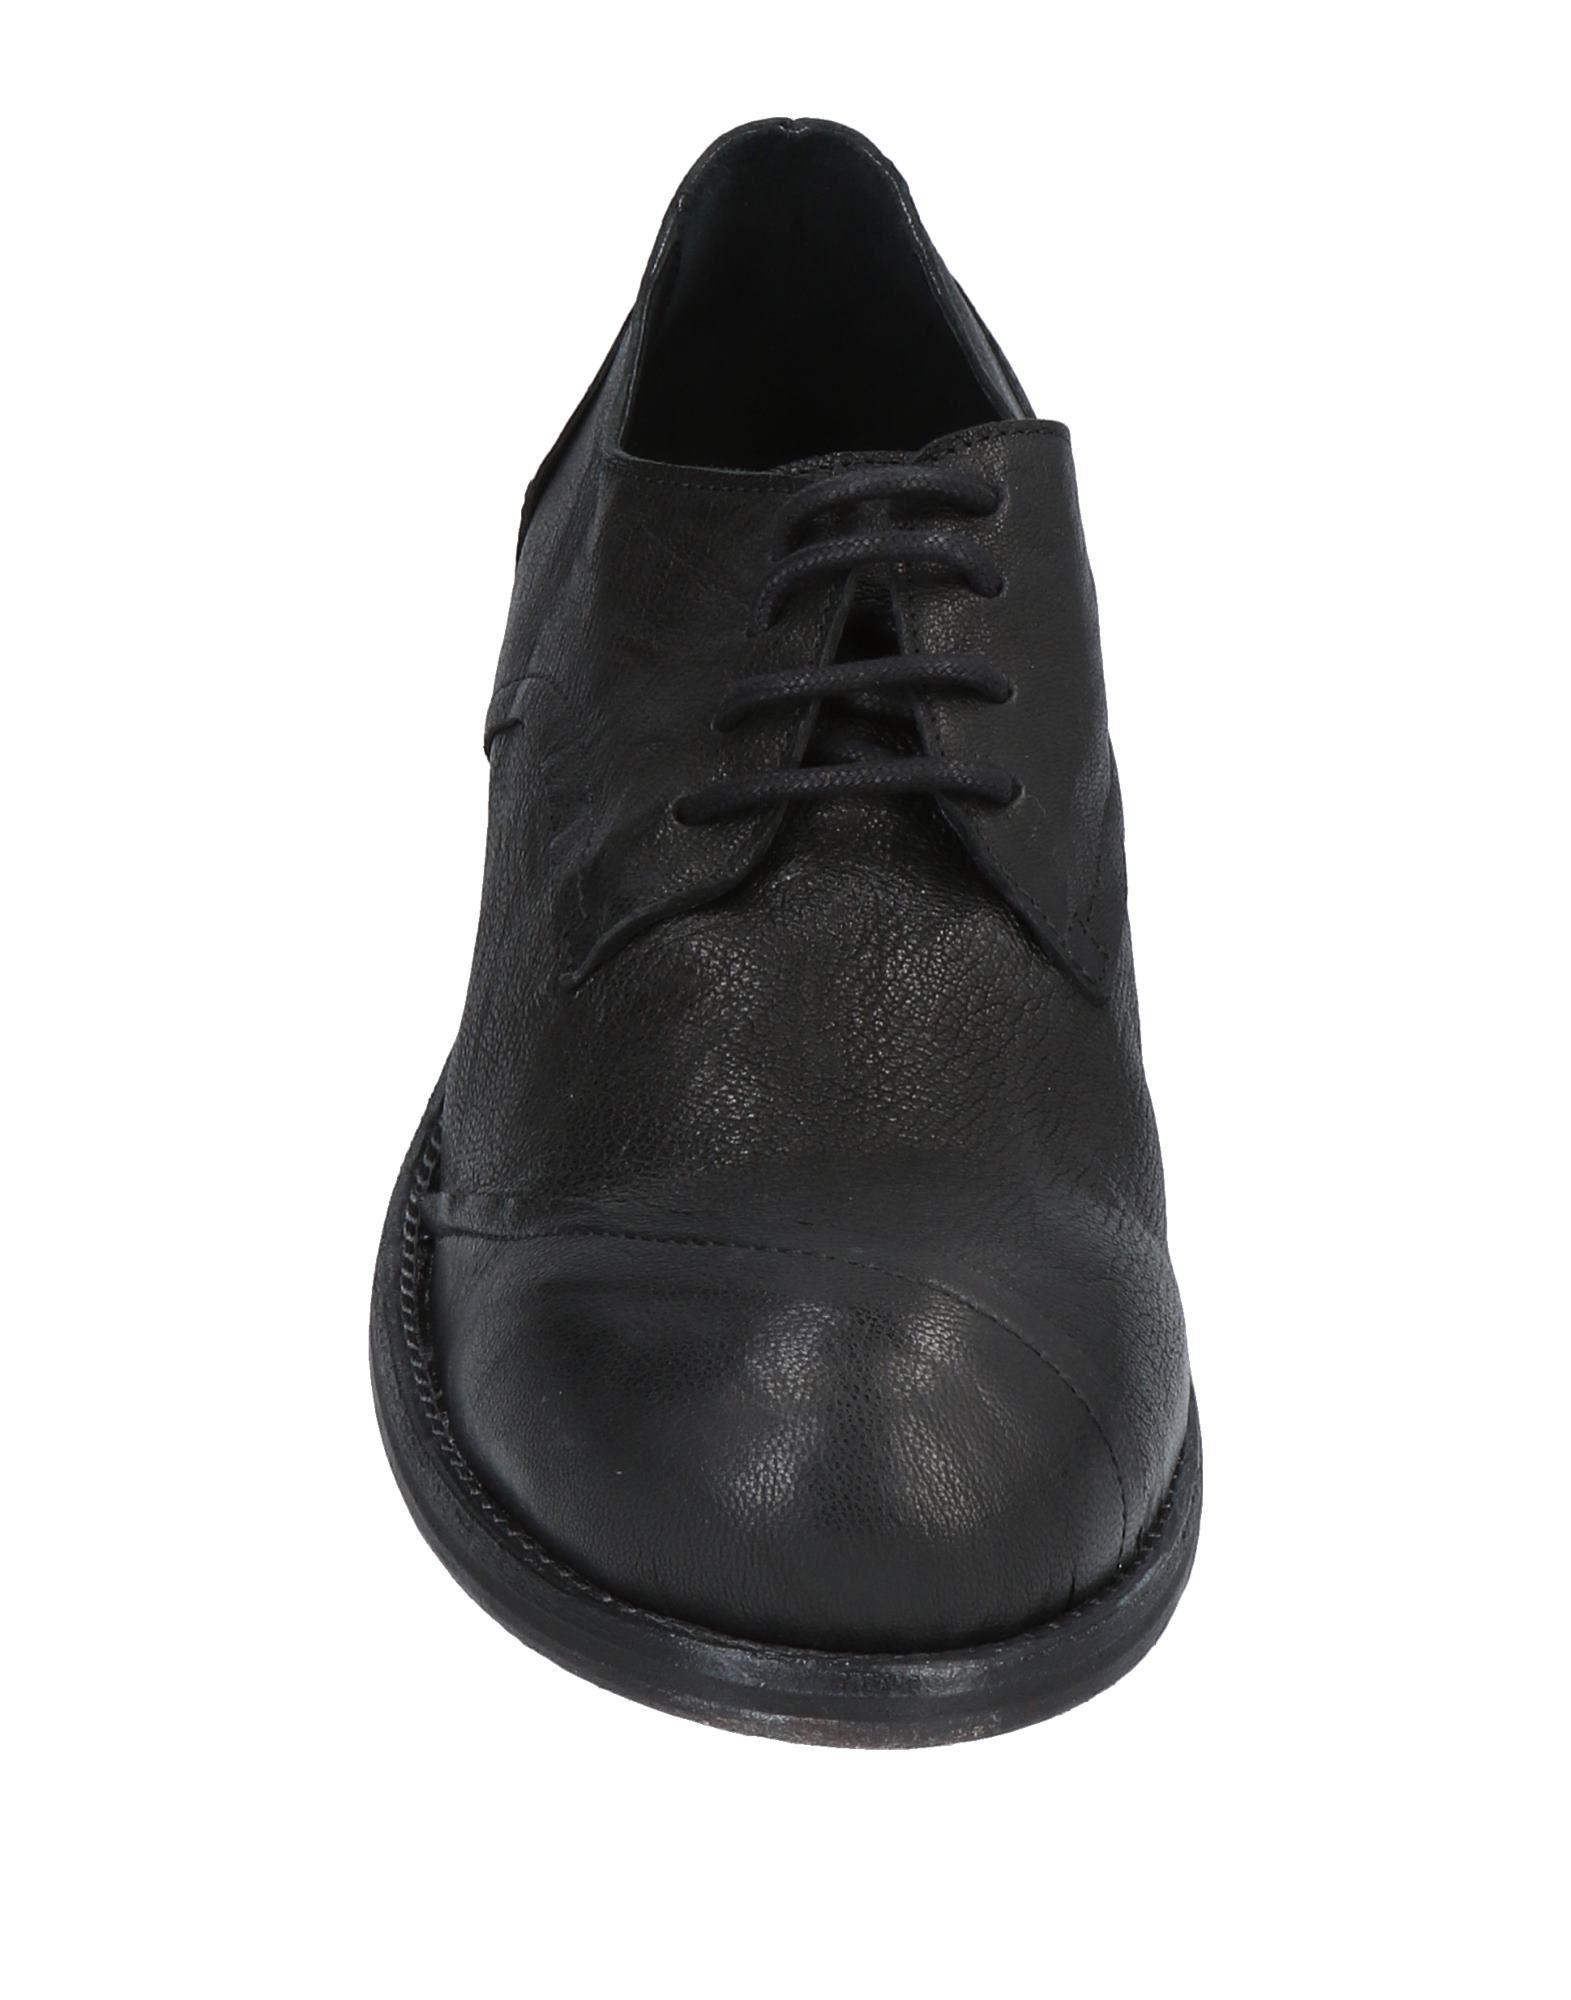 Nabis Schnürschuhe Herren  11476202NS Heiße Schuhe Schuhe Heiße 5d21c1